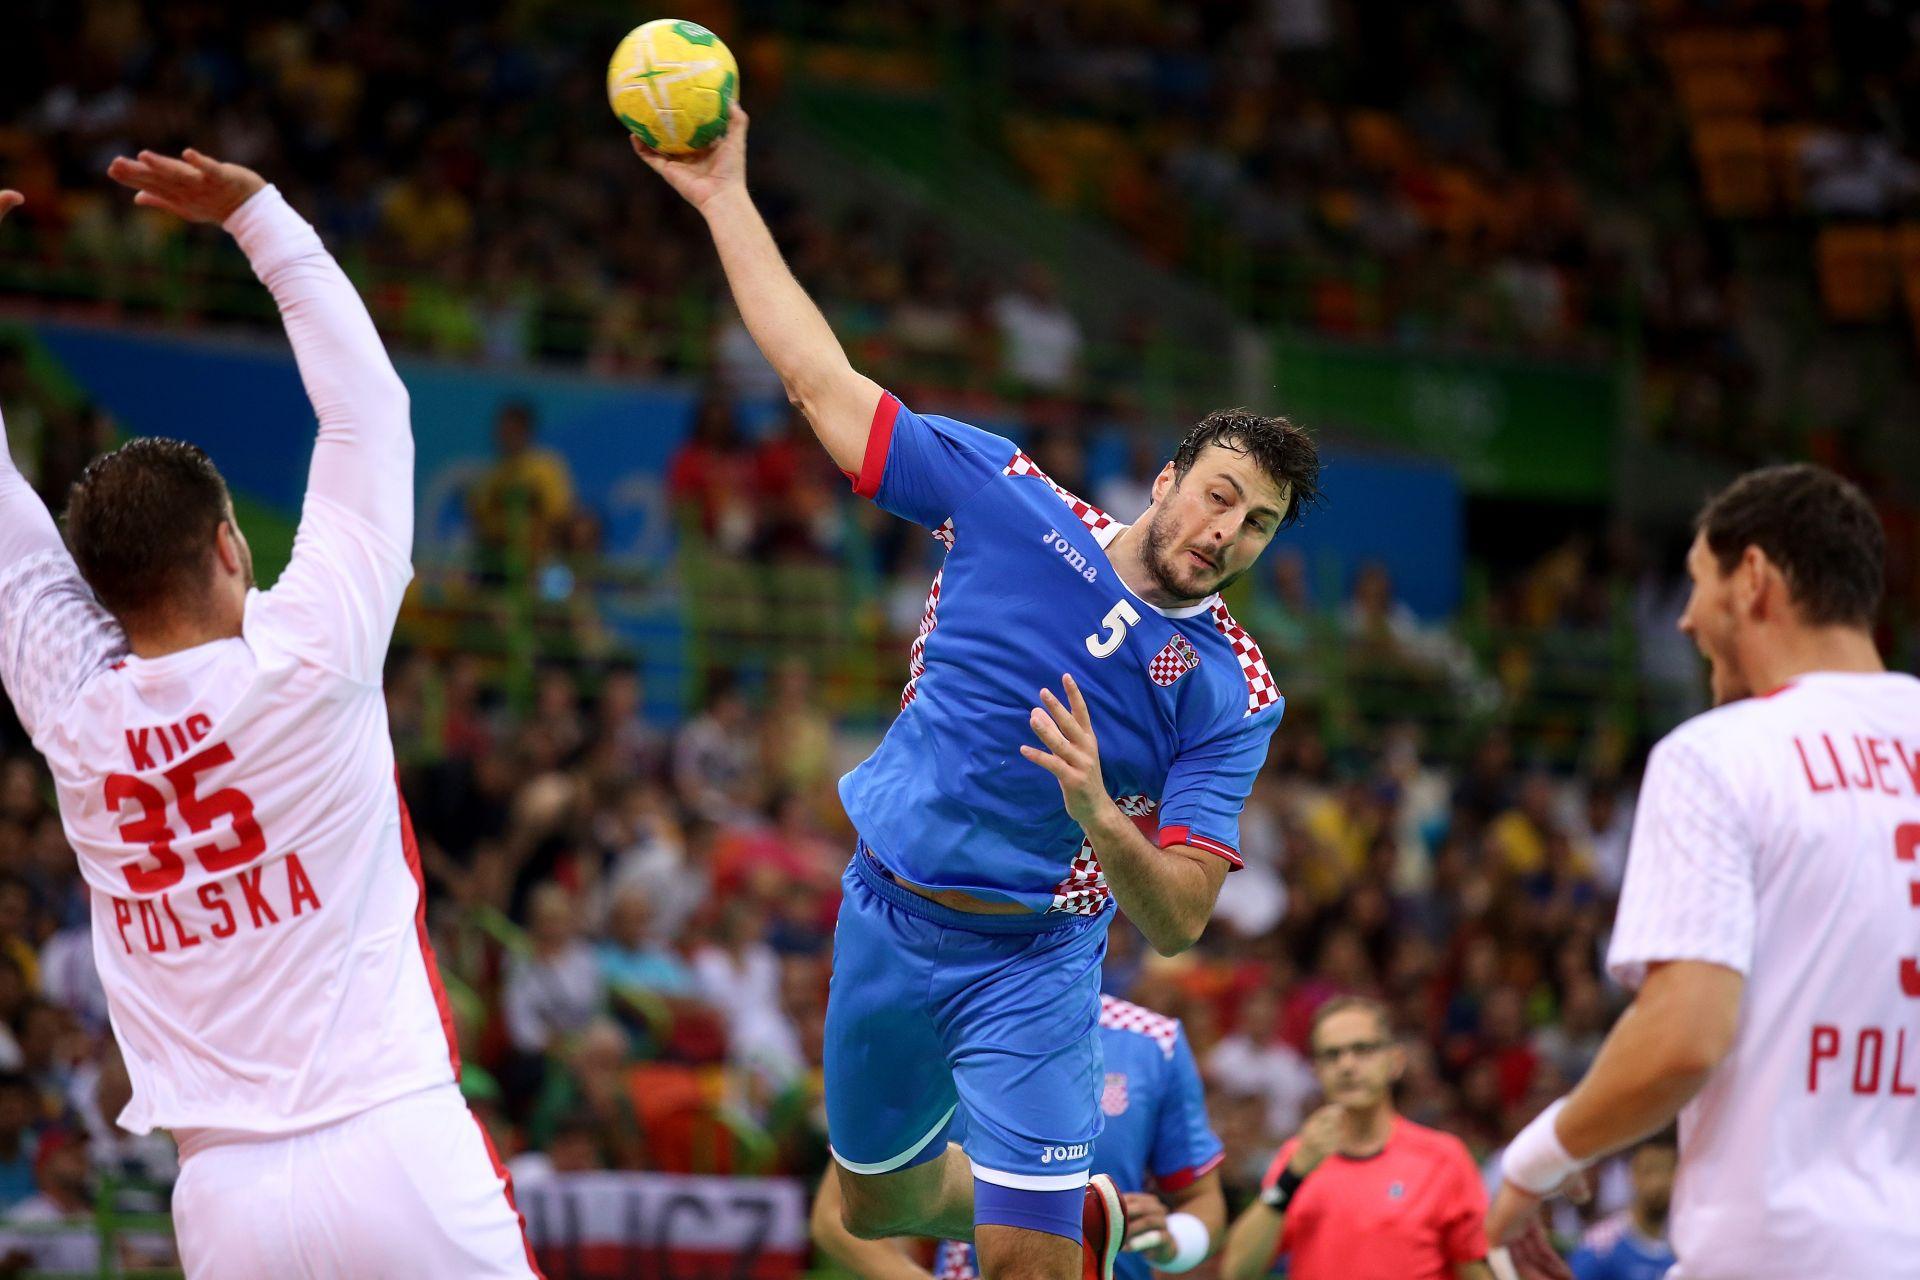 OI RIO: Hrvatska – Poljska 27-30